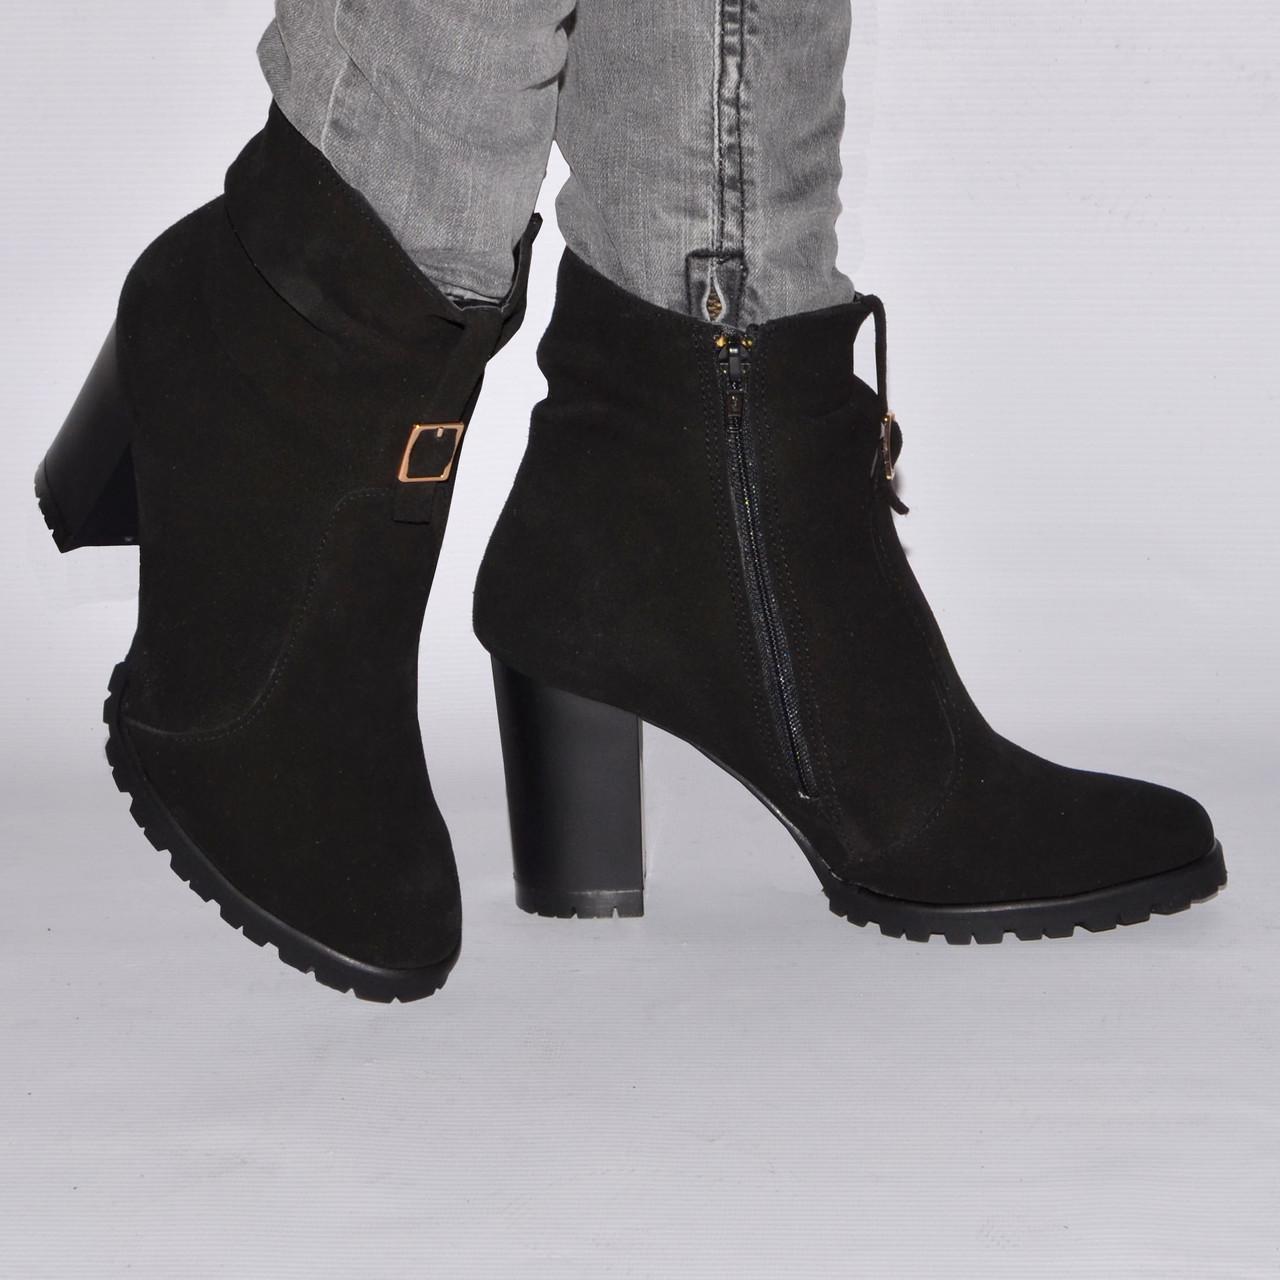 Ботинки на каблуке, из натуральной кожи, замша, лака, на молнии. Шесть цветов! Размеры 36-41 модель S2808